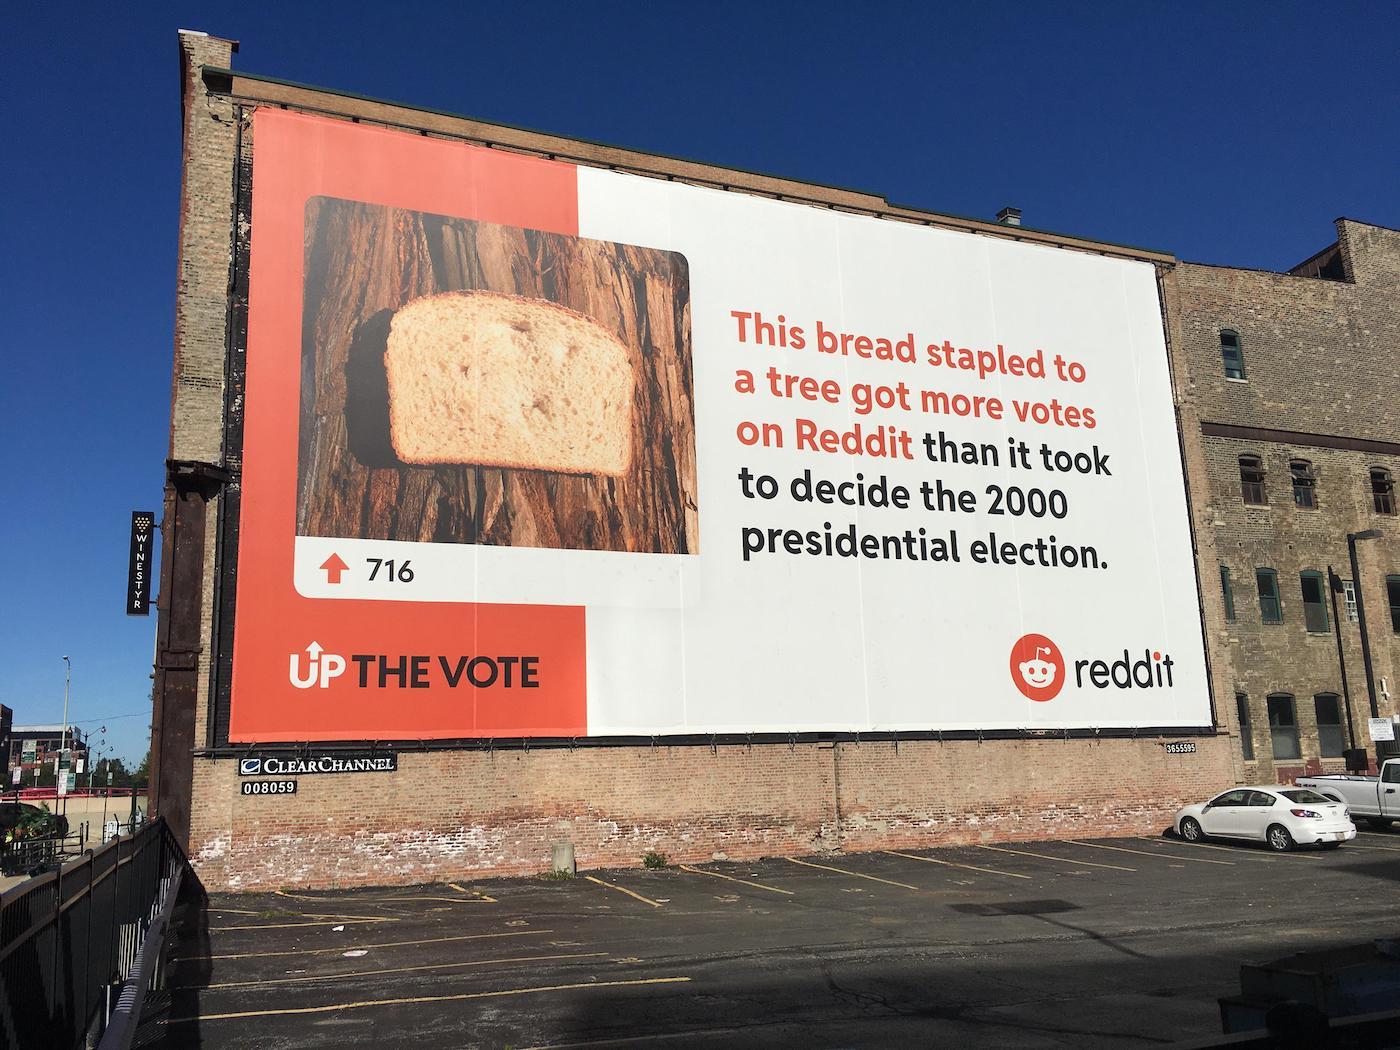 Reddit lance une campagne insolite et créative pour encourager à voter pour la présidentielle